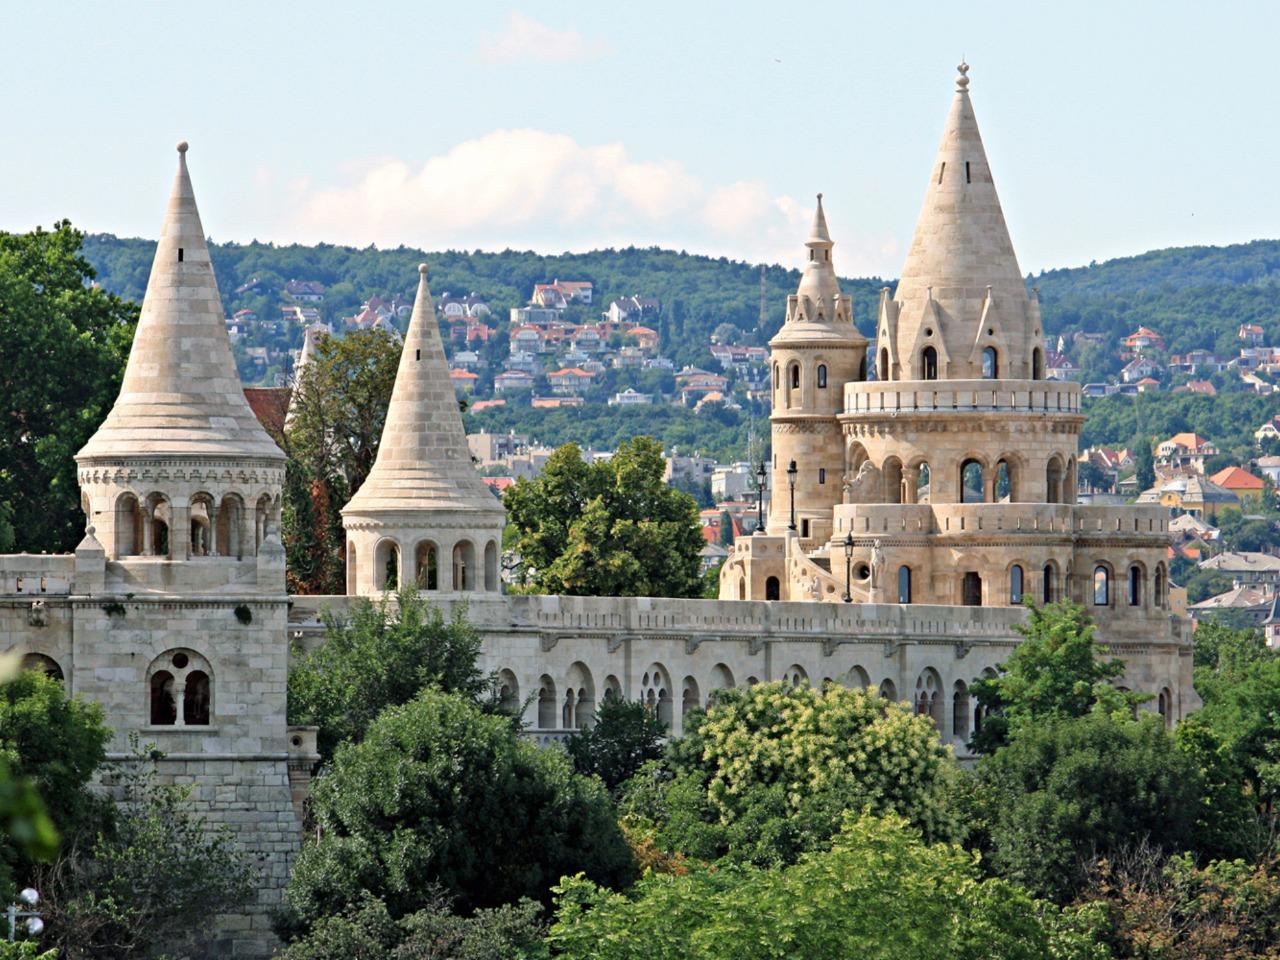 Женский Будапешт - индивидуальная экскурсия в Будапеште от опытного гида